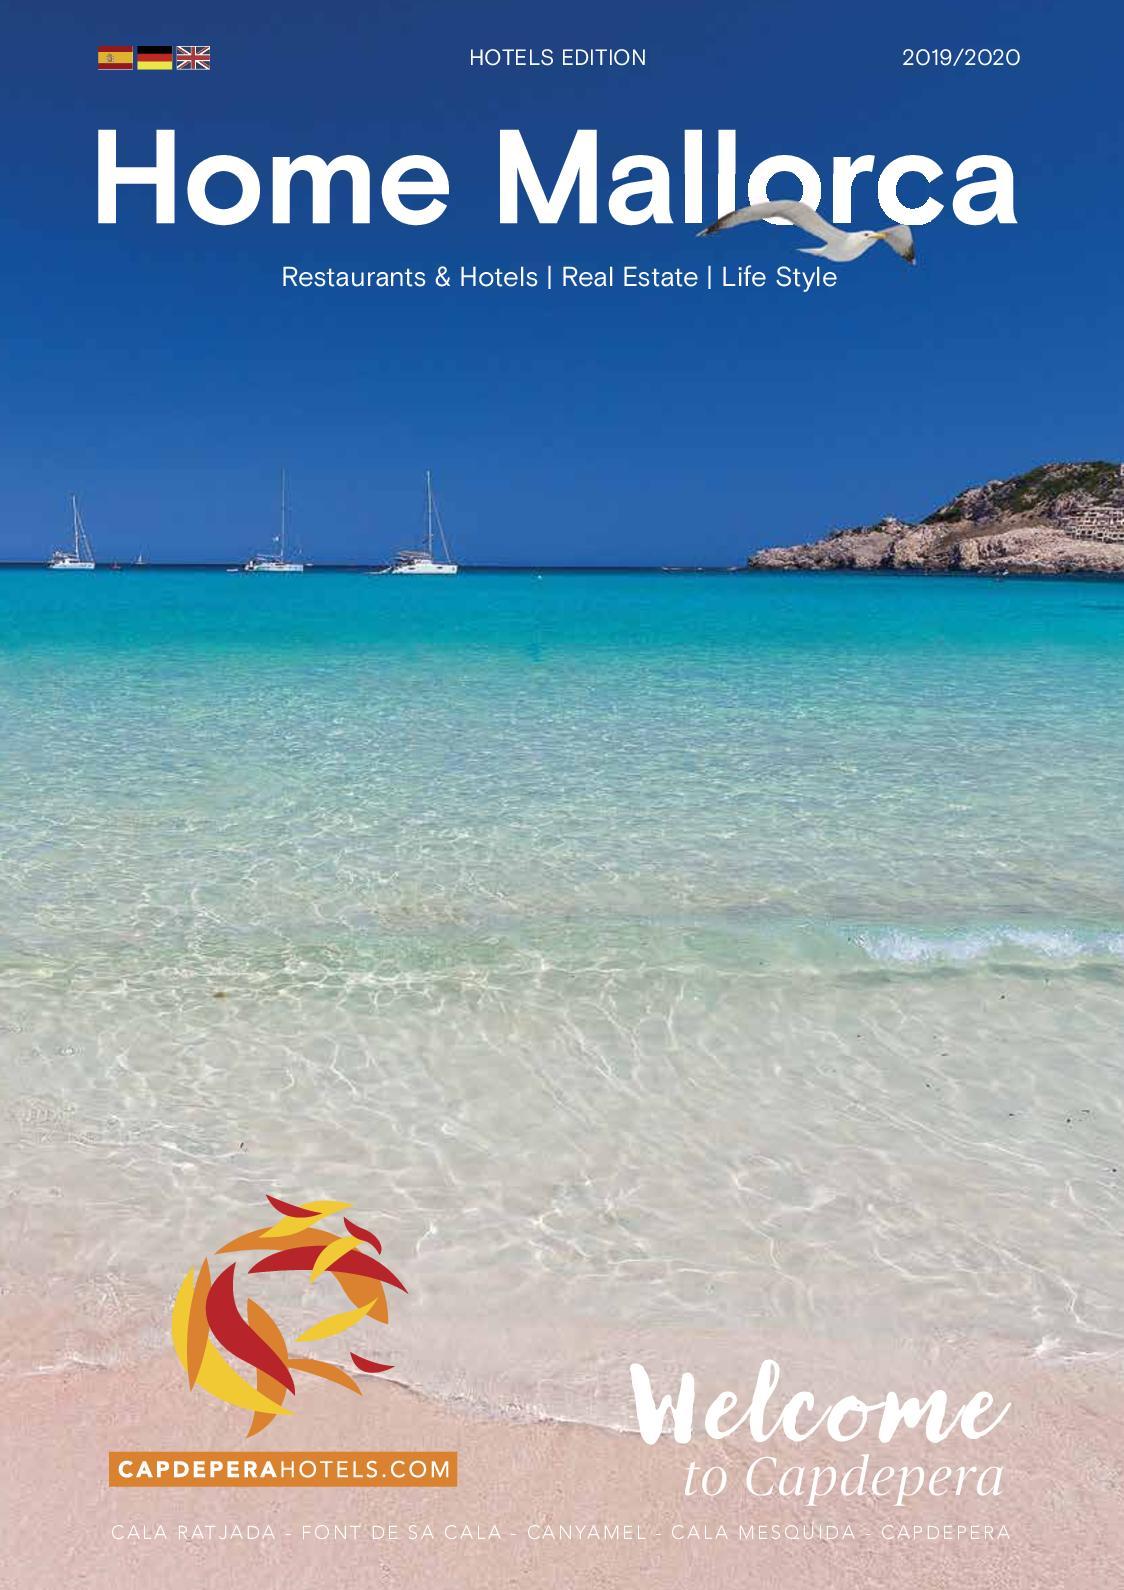 Calaméo Home Mallorca Hoteles Edition